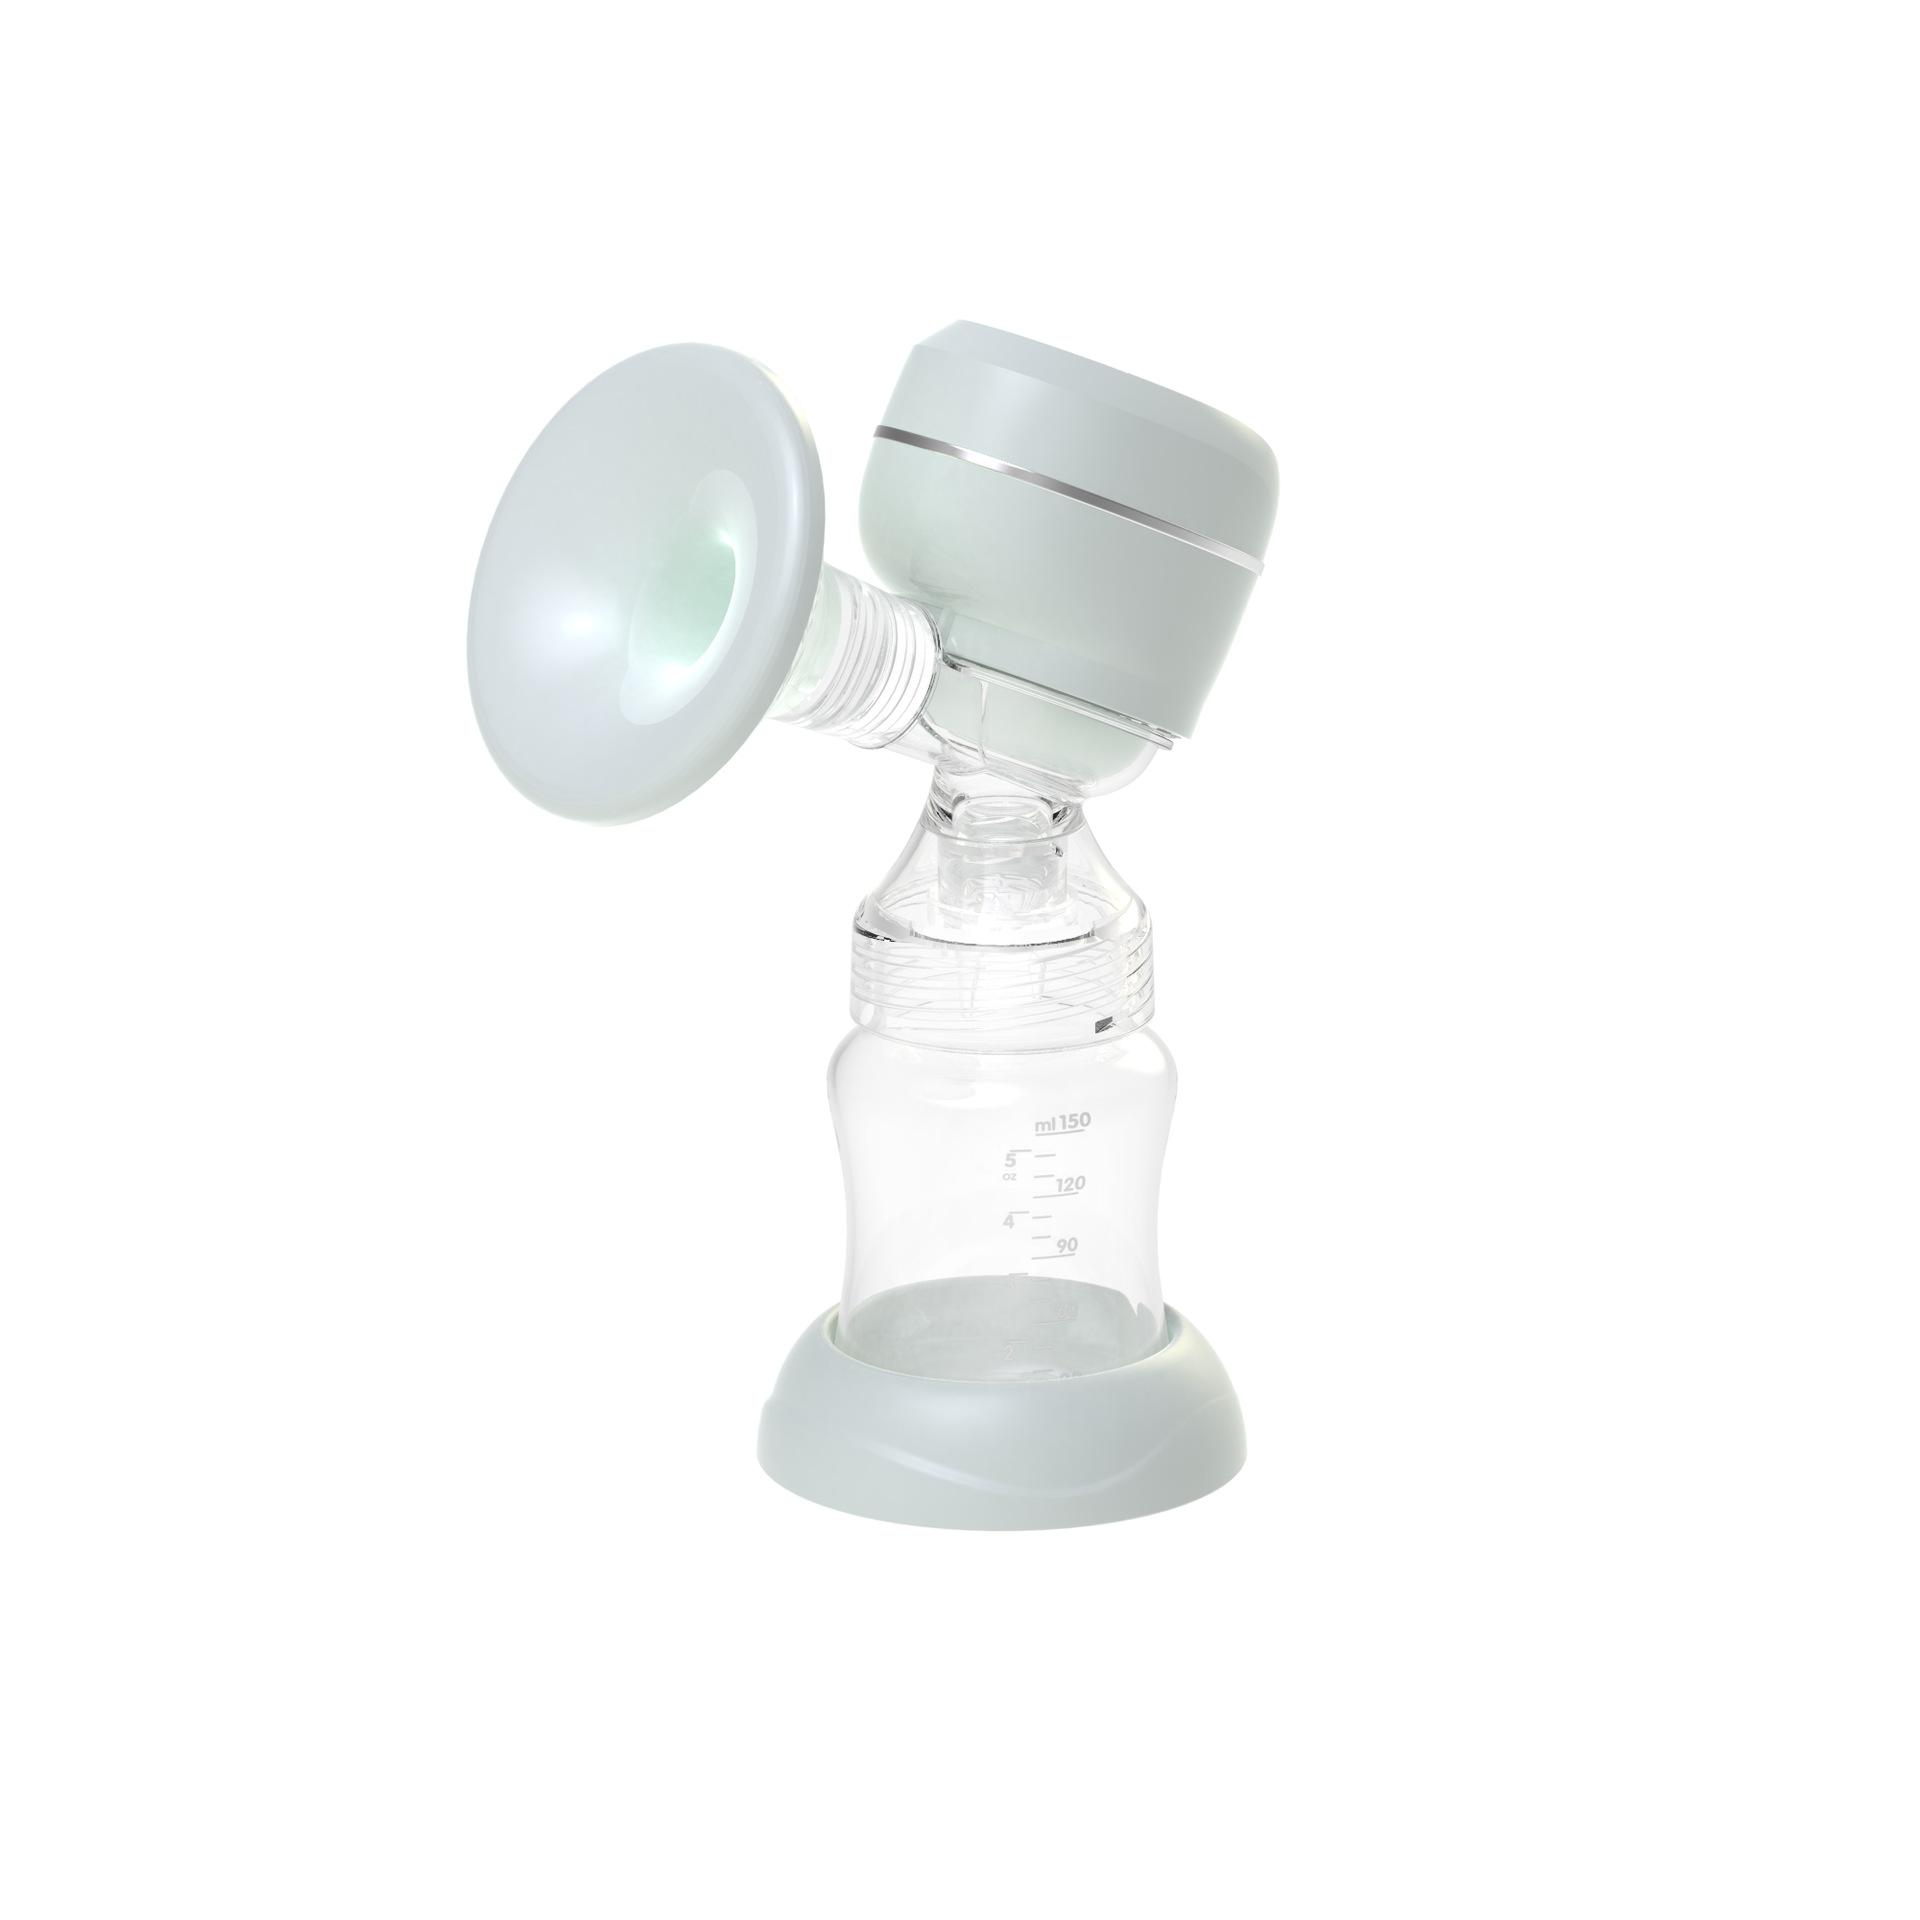 KEBAO Bình hút sữa Máy hút sữa bằng điện tích hợp máy hút sữa Máy hút sữa bằng sữa